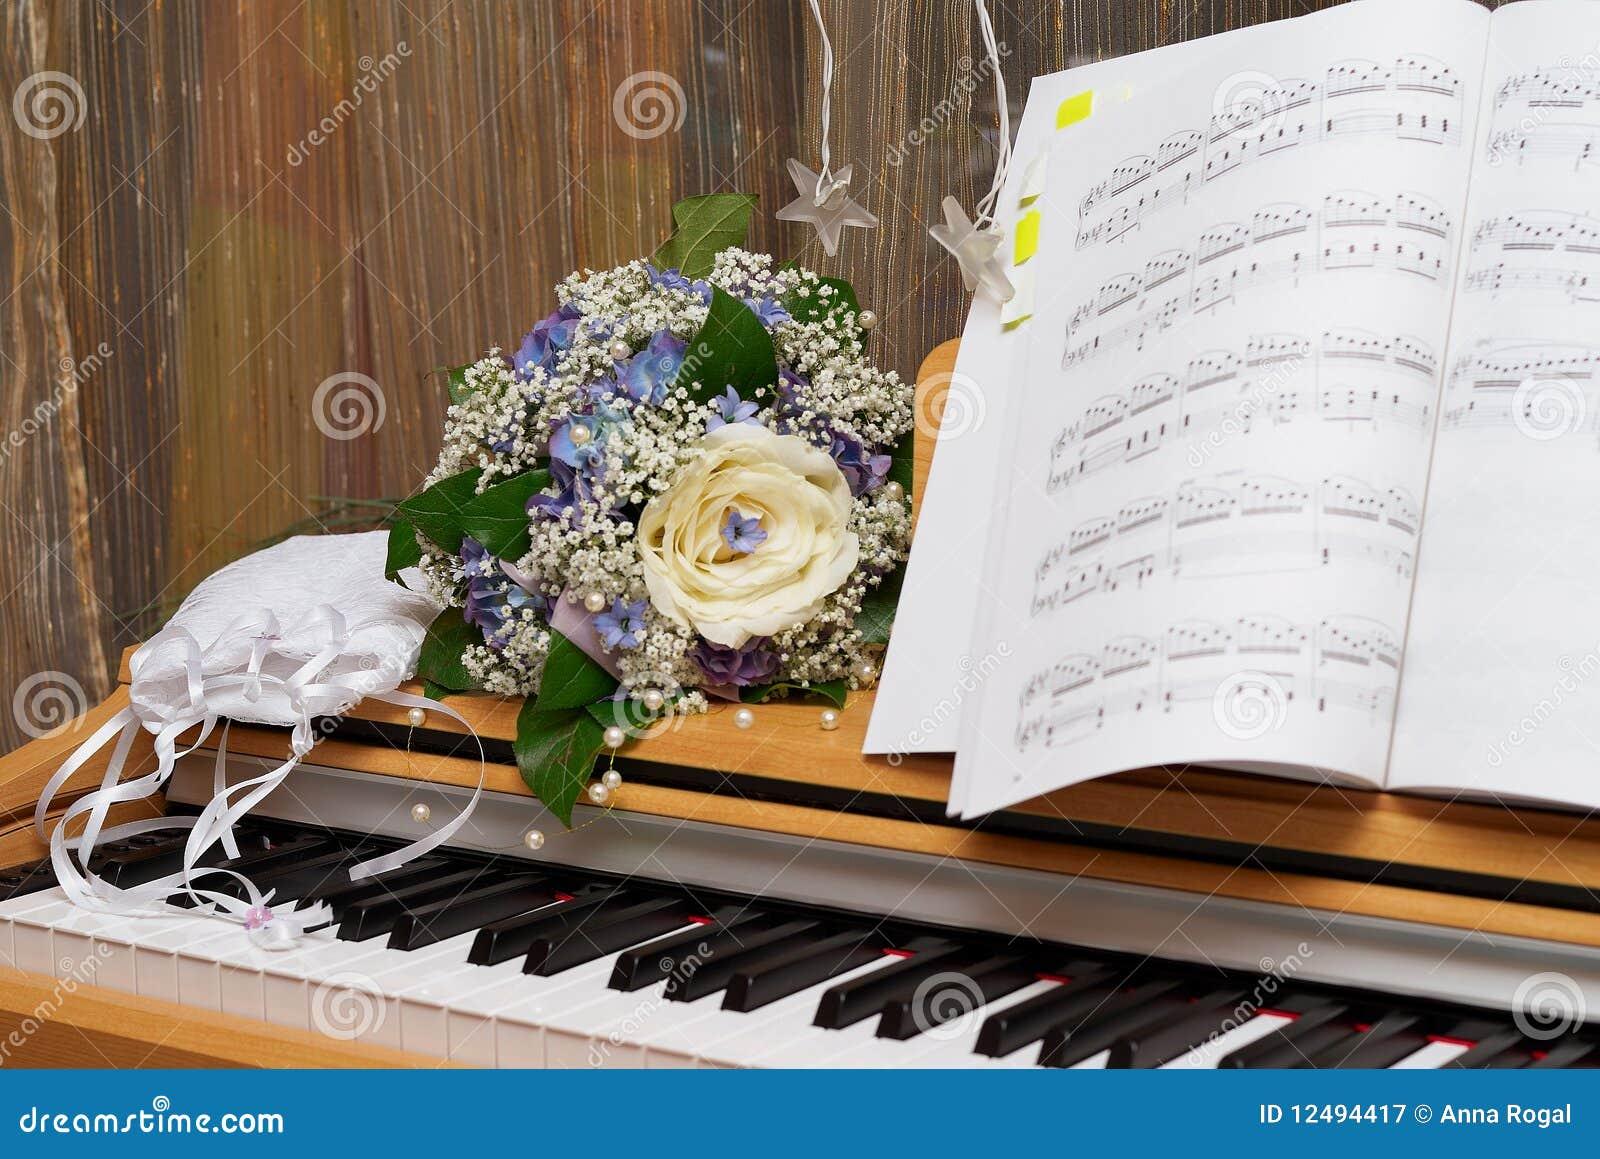 Detalles de la boda: bolso y ramo de la novia